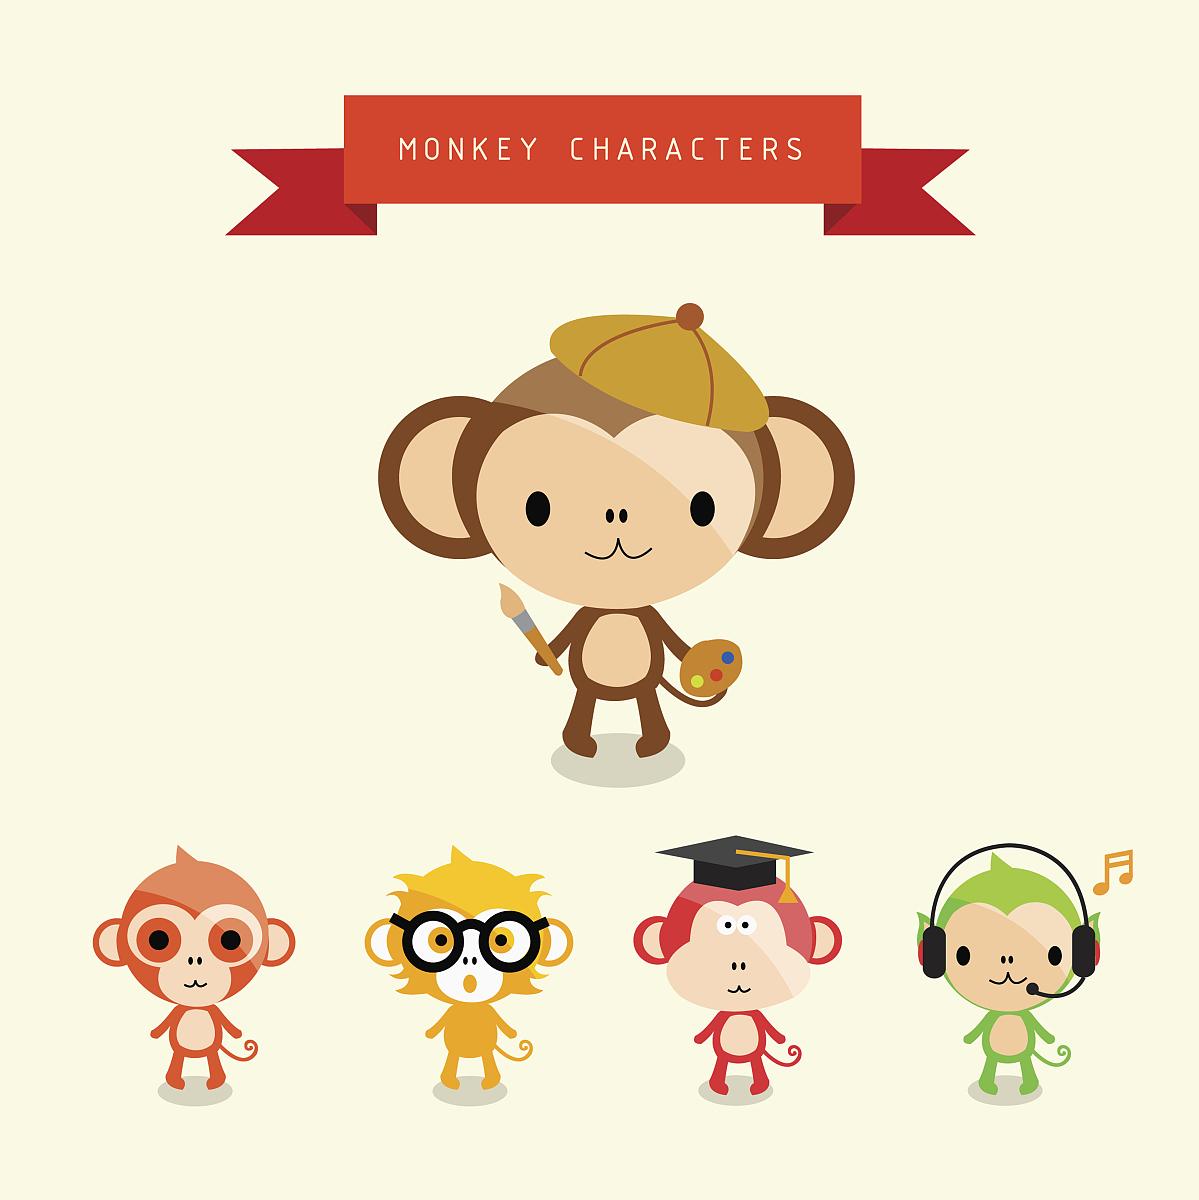 画猴子用什么颜色_野生猫科动物,灵长目,猴子,音乐符号,拟人,绘画插图,彩色图片,颜色,多